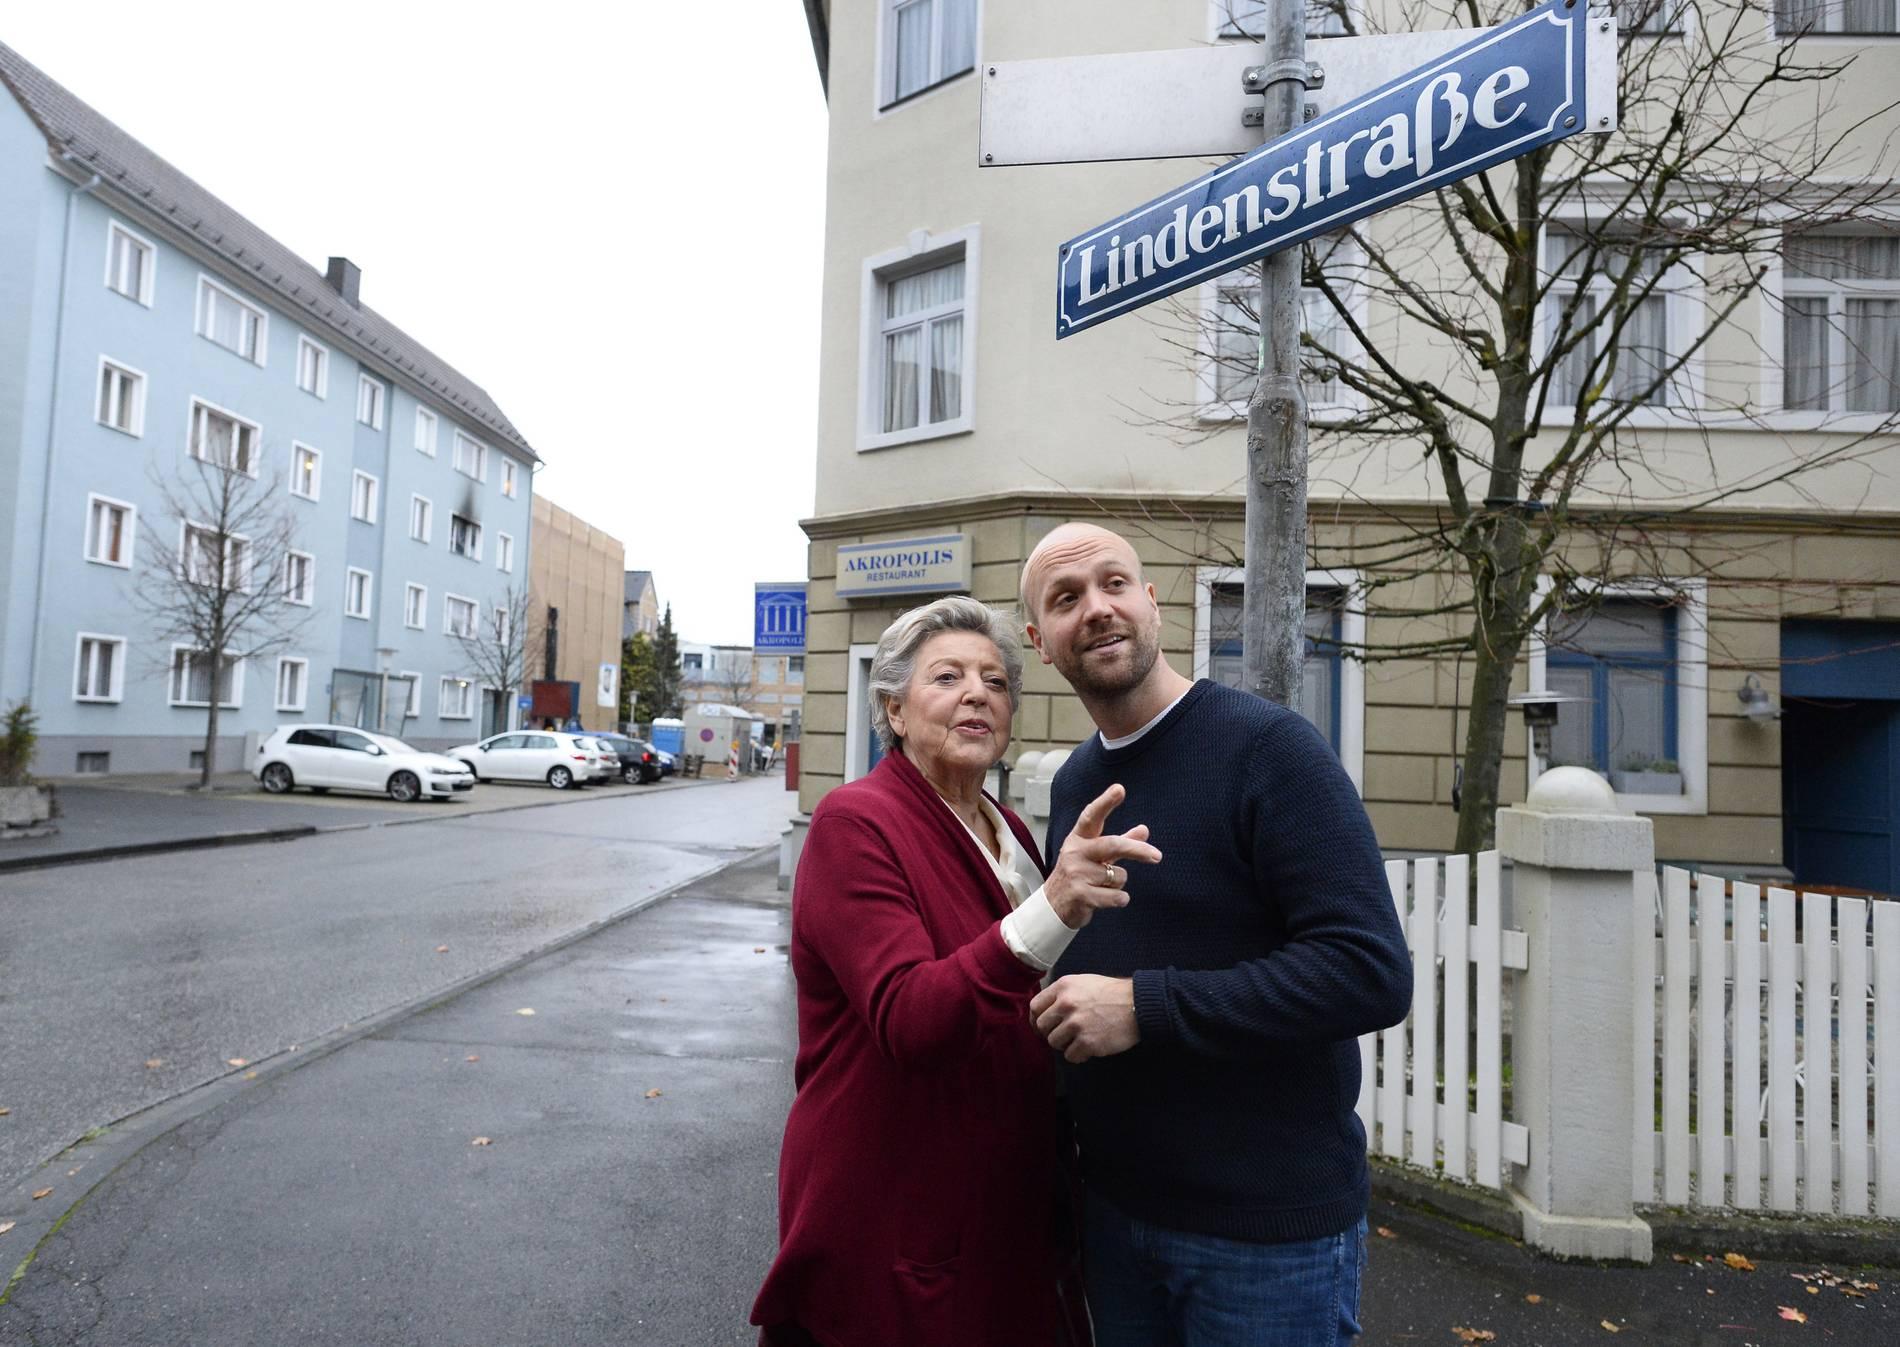 Lindenstraße Verpasst Letzte Folge